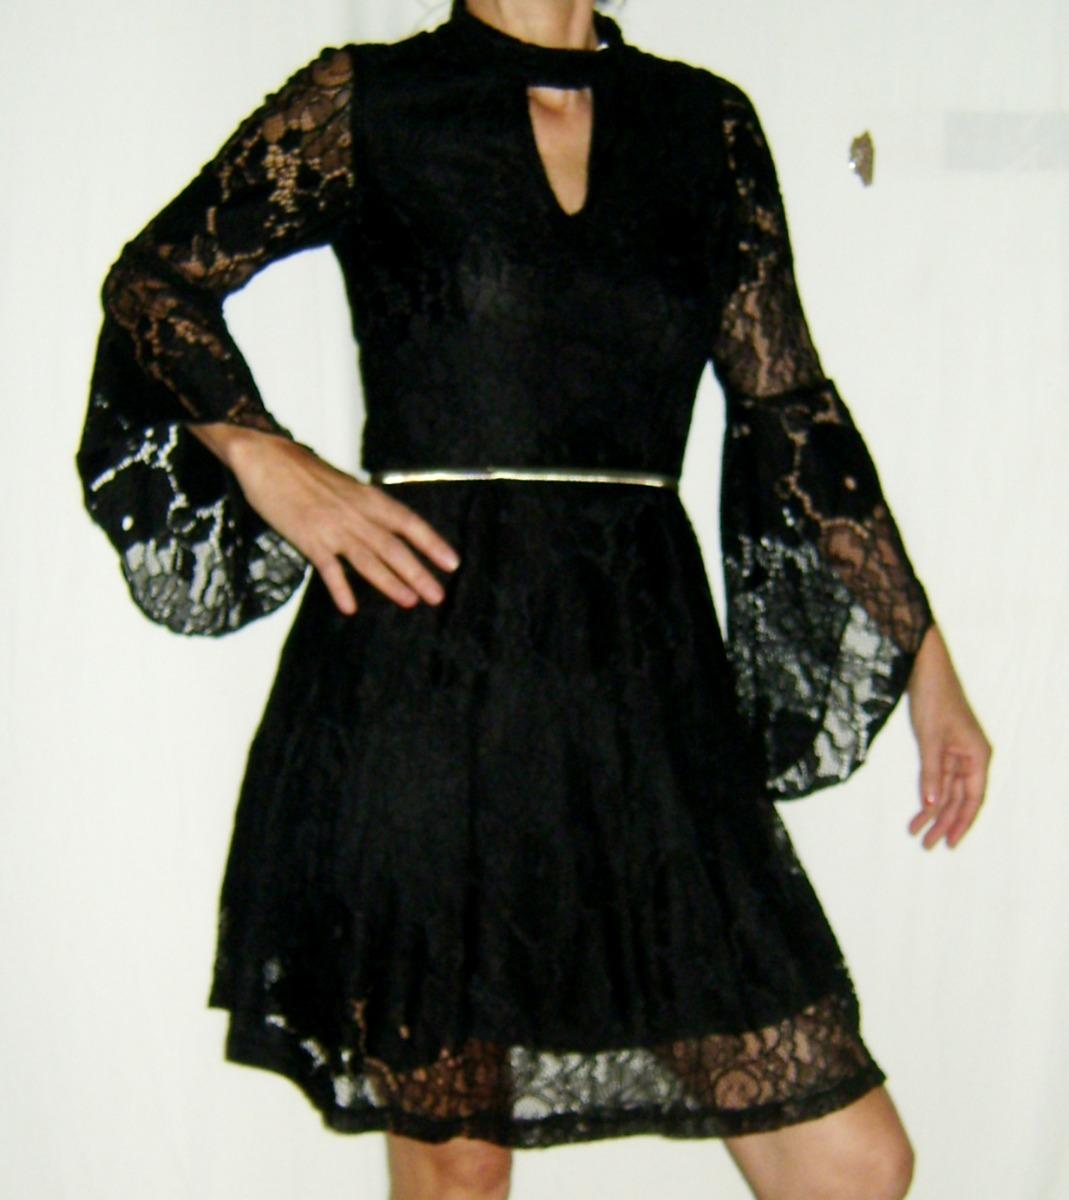 bd08d14fb vestido renda inverno manga longa preto tamanho m. Carregando zoom.